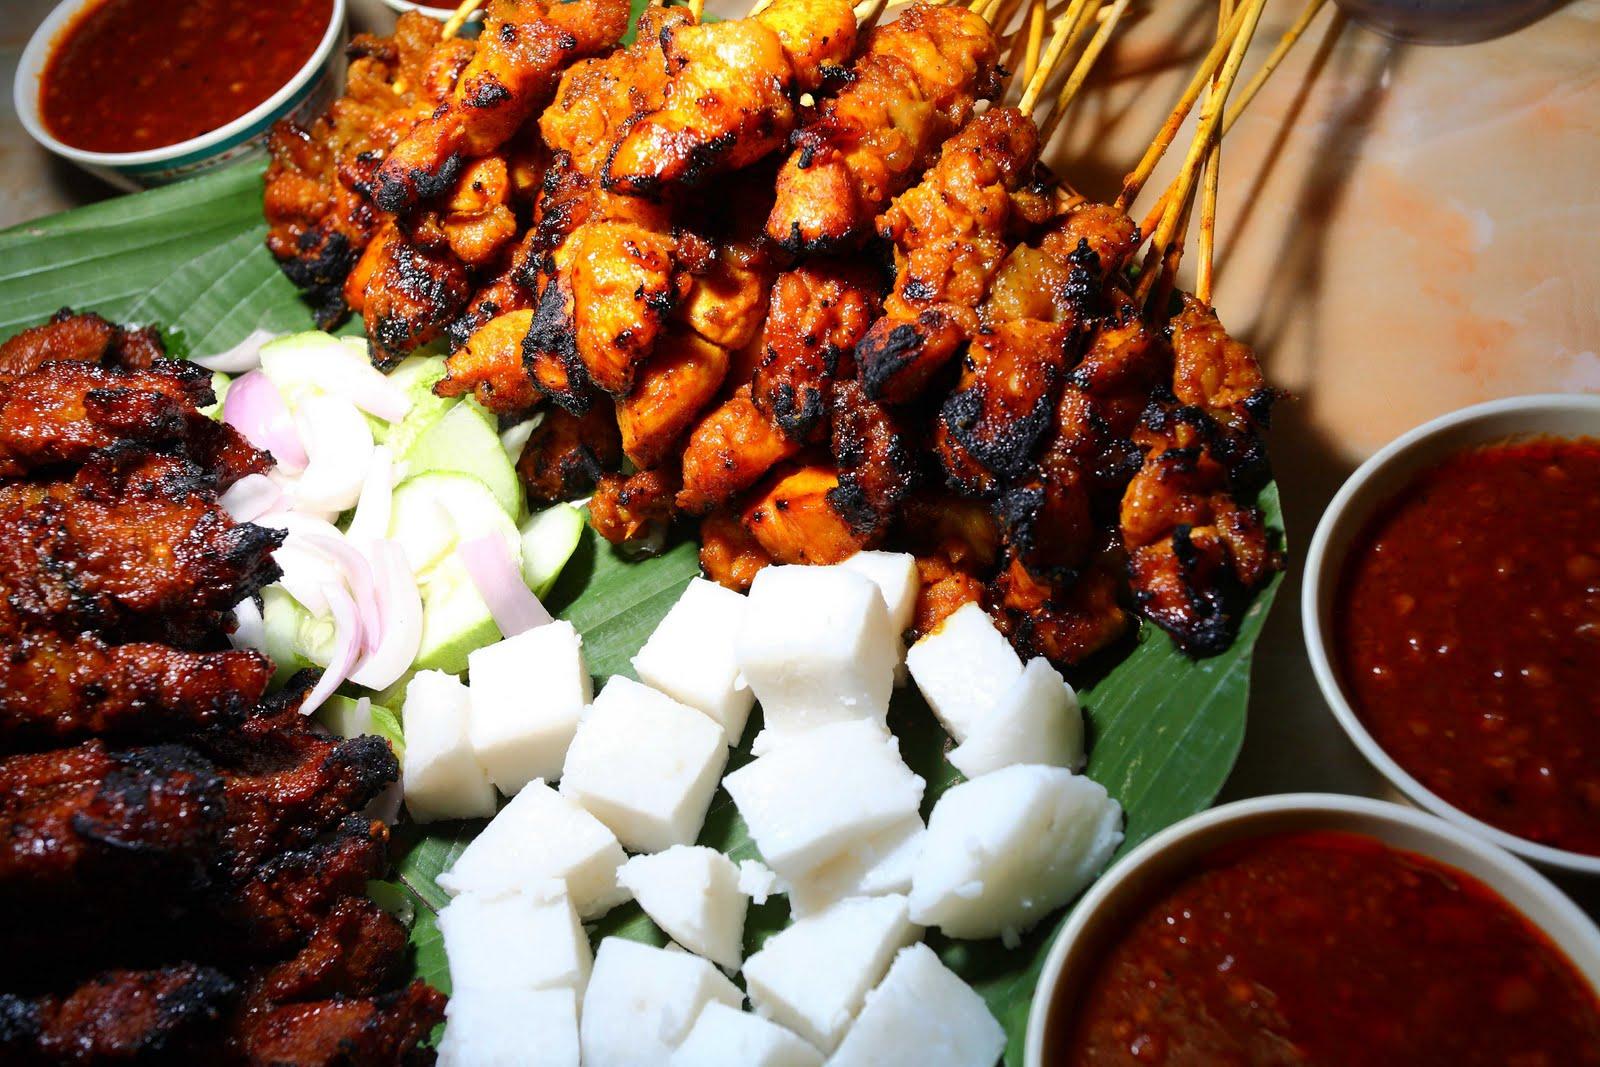 Dan S Food Market